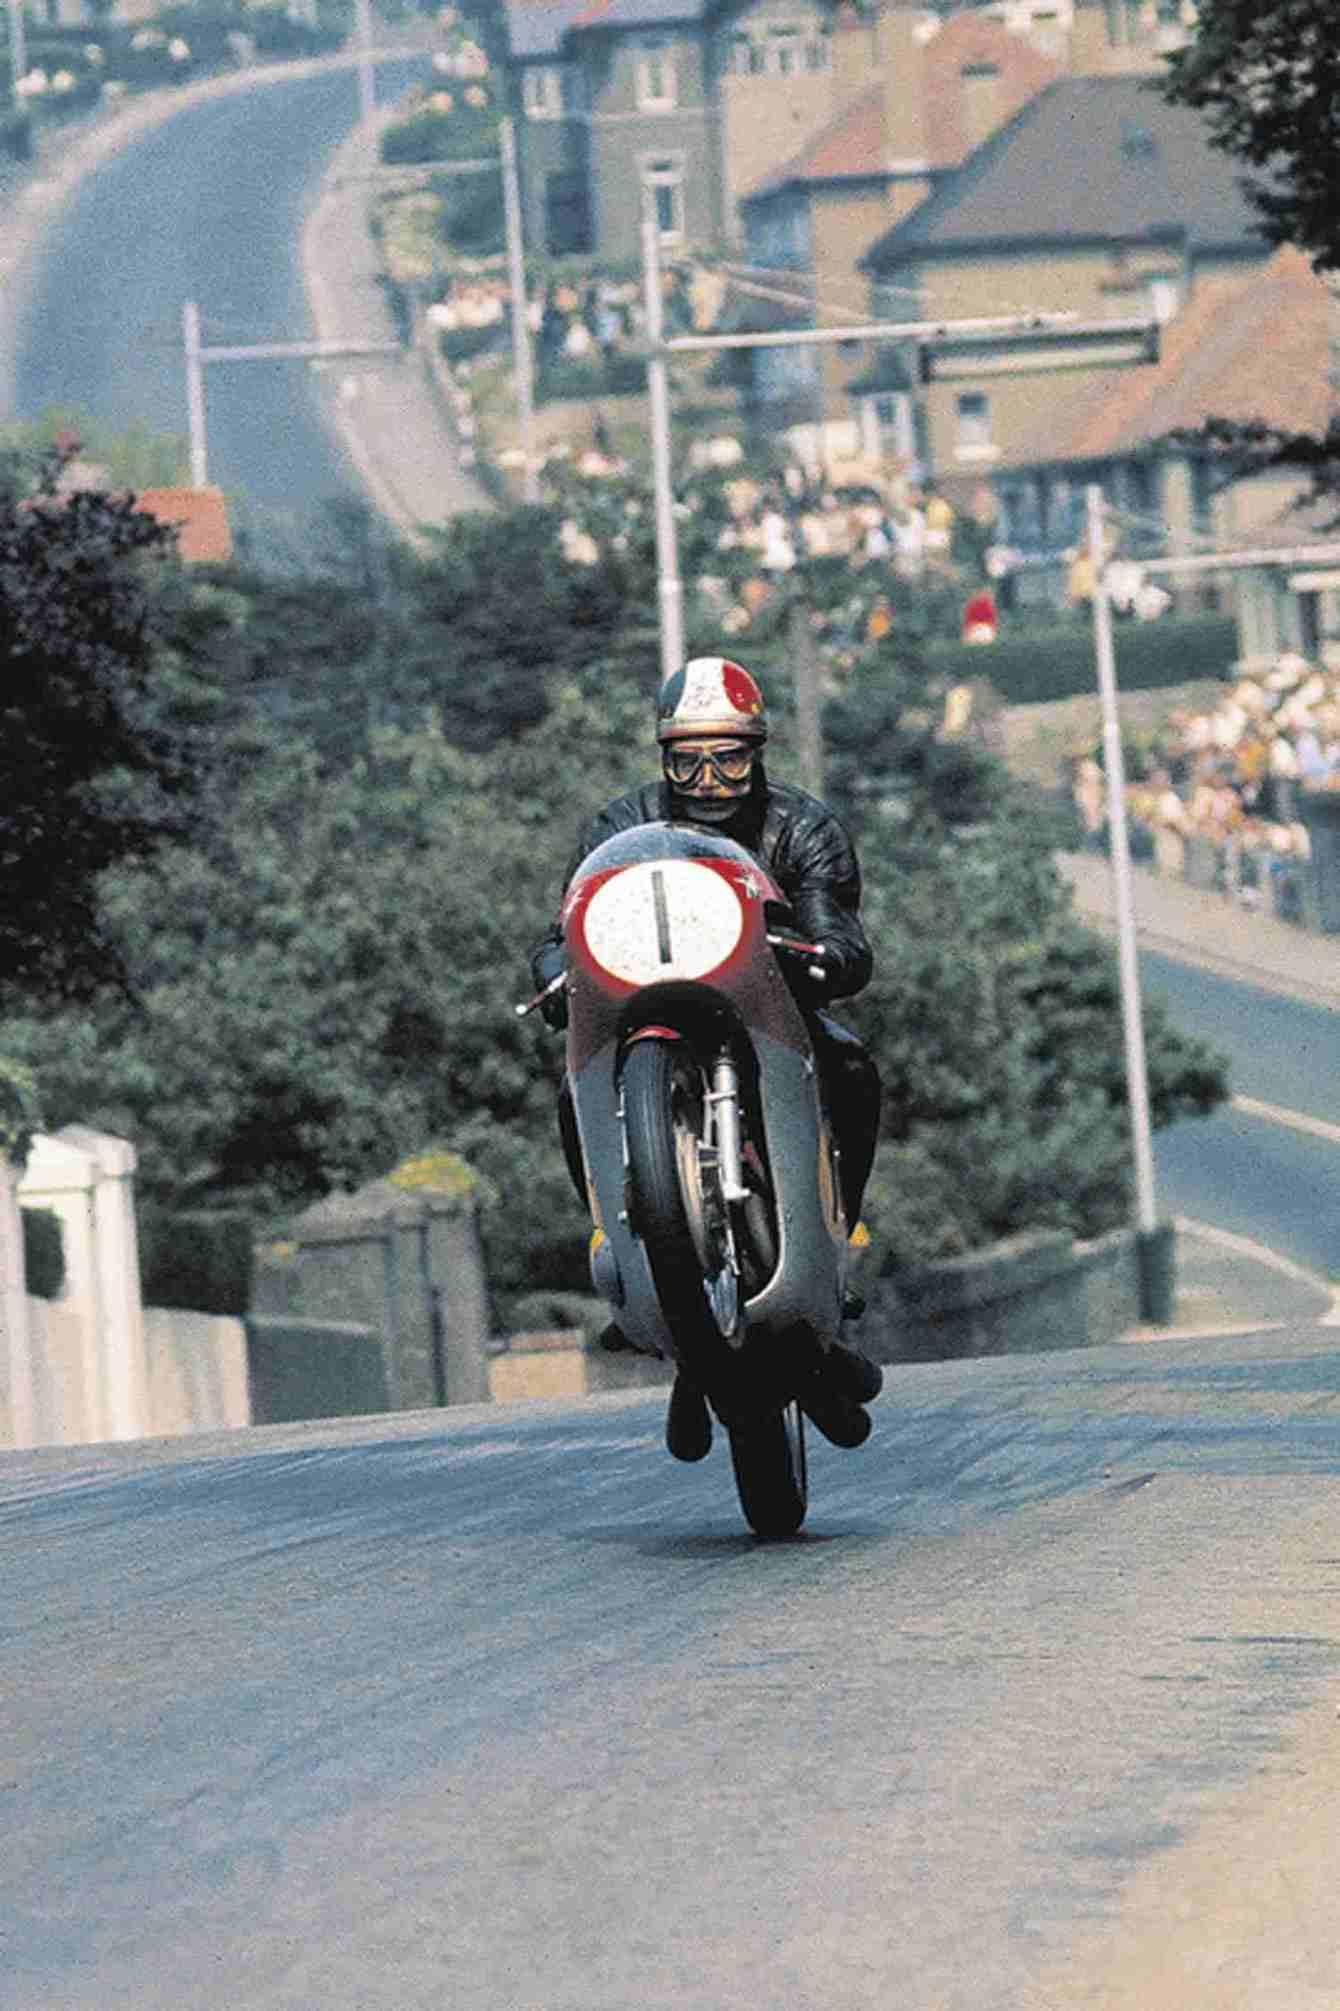 004_Scottish-Show-Giacomo-Agostini---Ago's-Leap